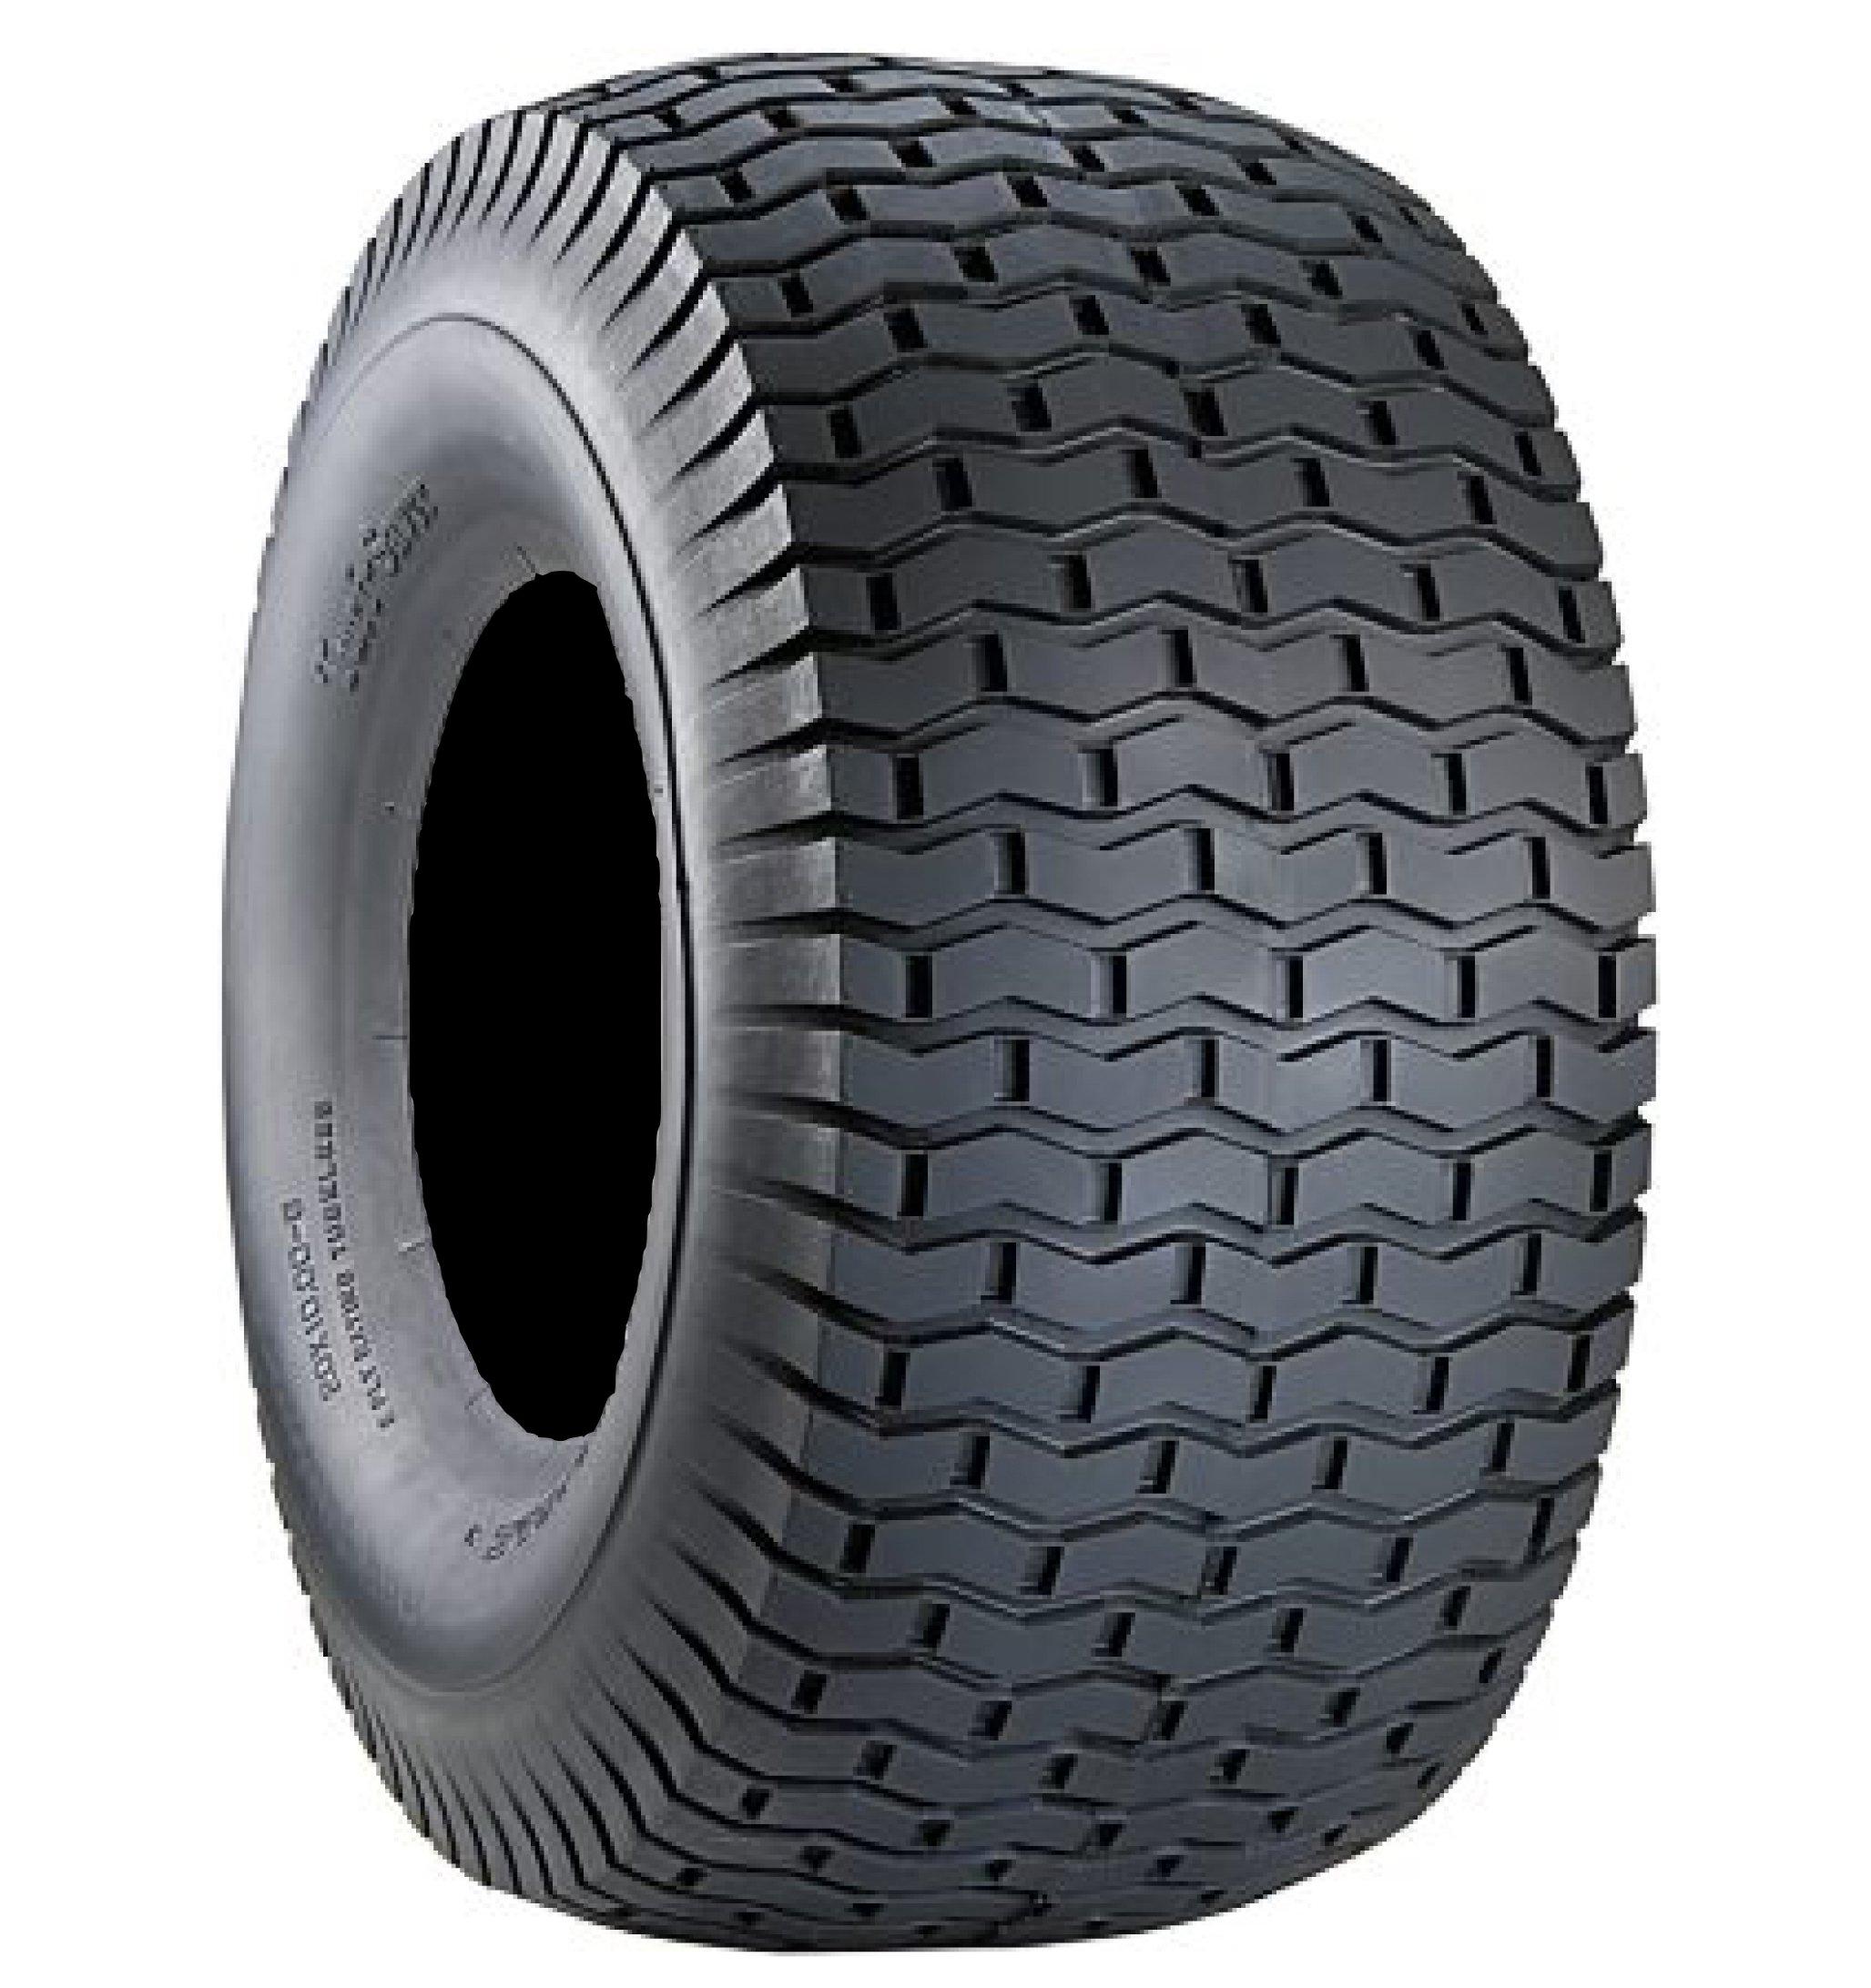 Carlisle Garden Tractor Tires : Carlisle turf saver lawn garden tire a ebay